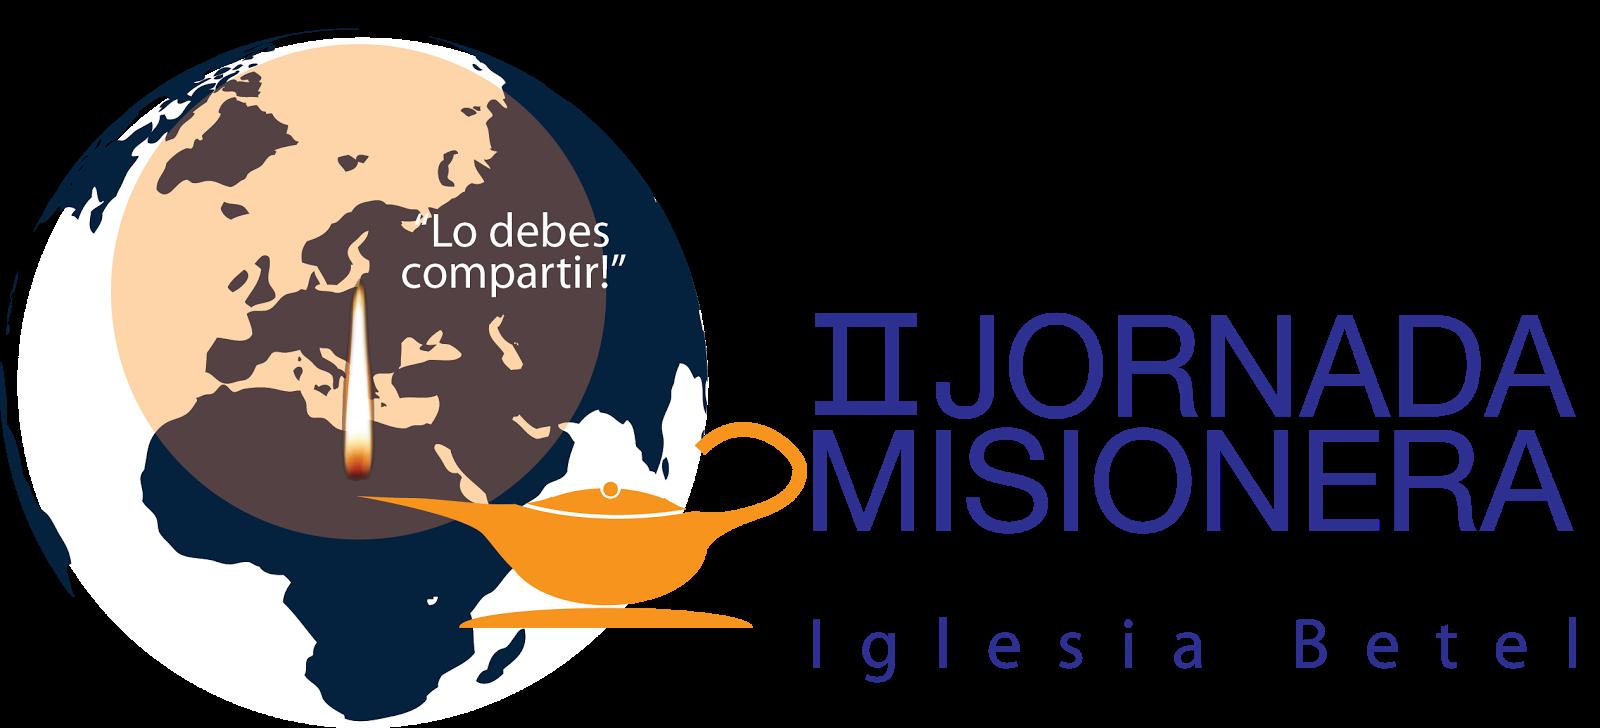 jornadas misioneras